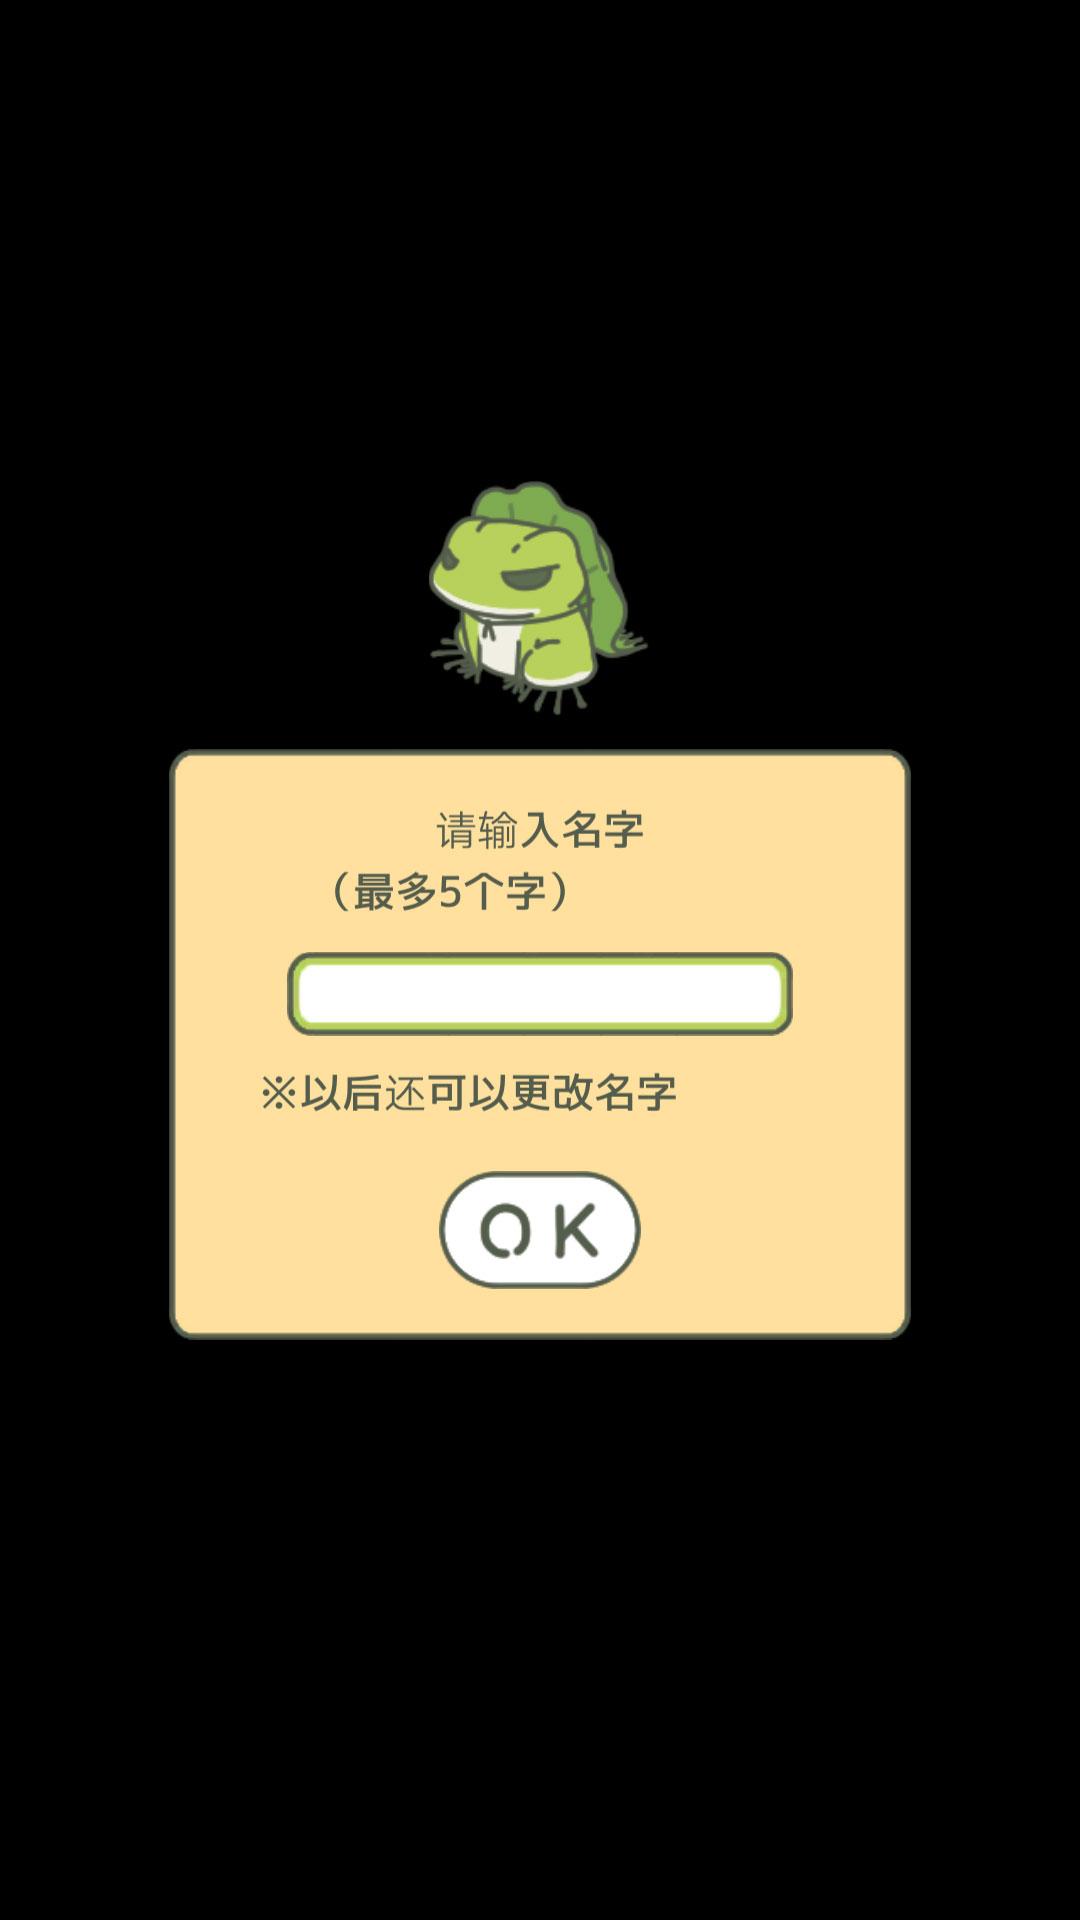 旅行青蛙中文版 V1.0.01 安卓版截图2